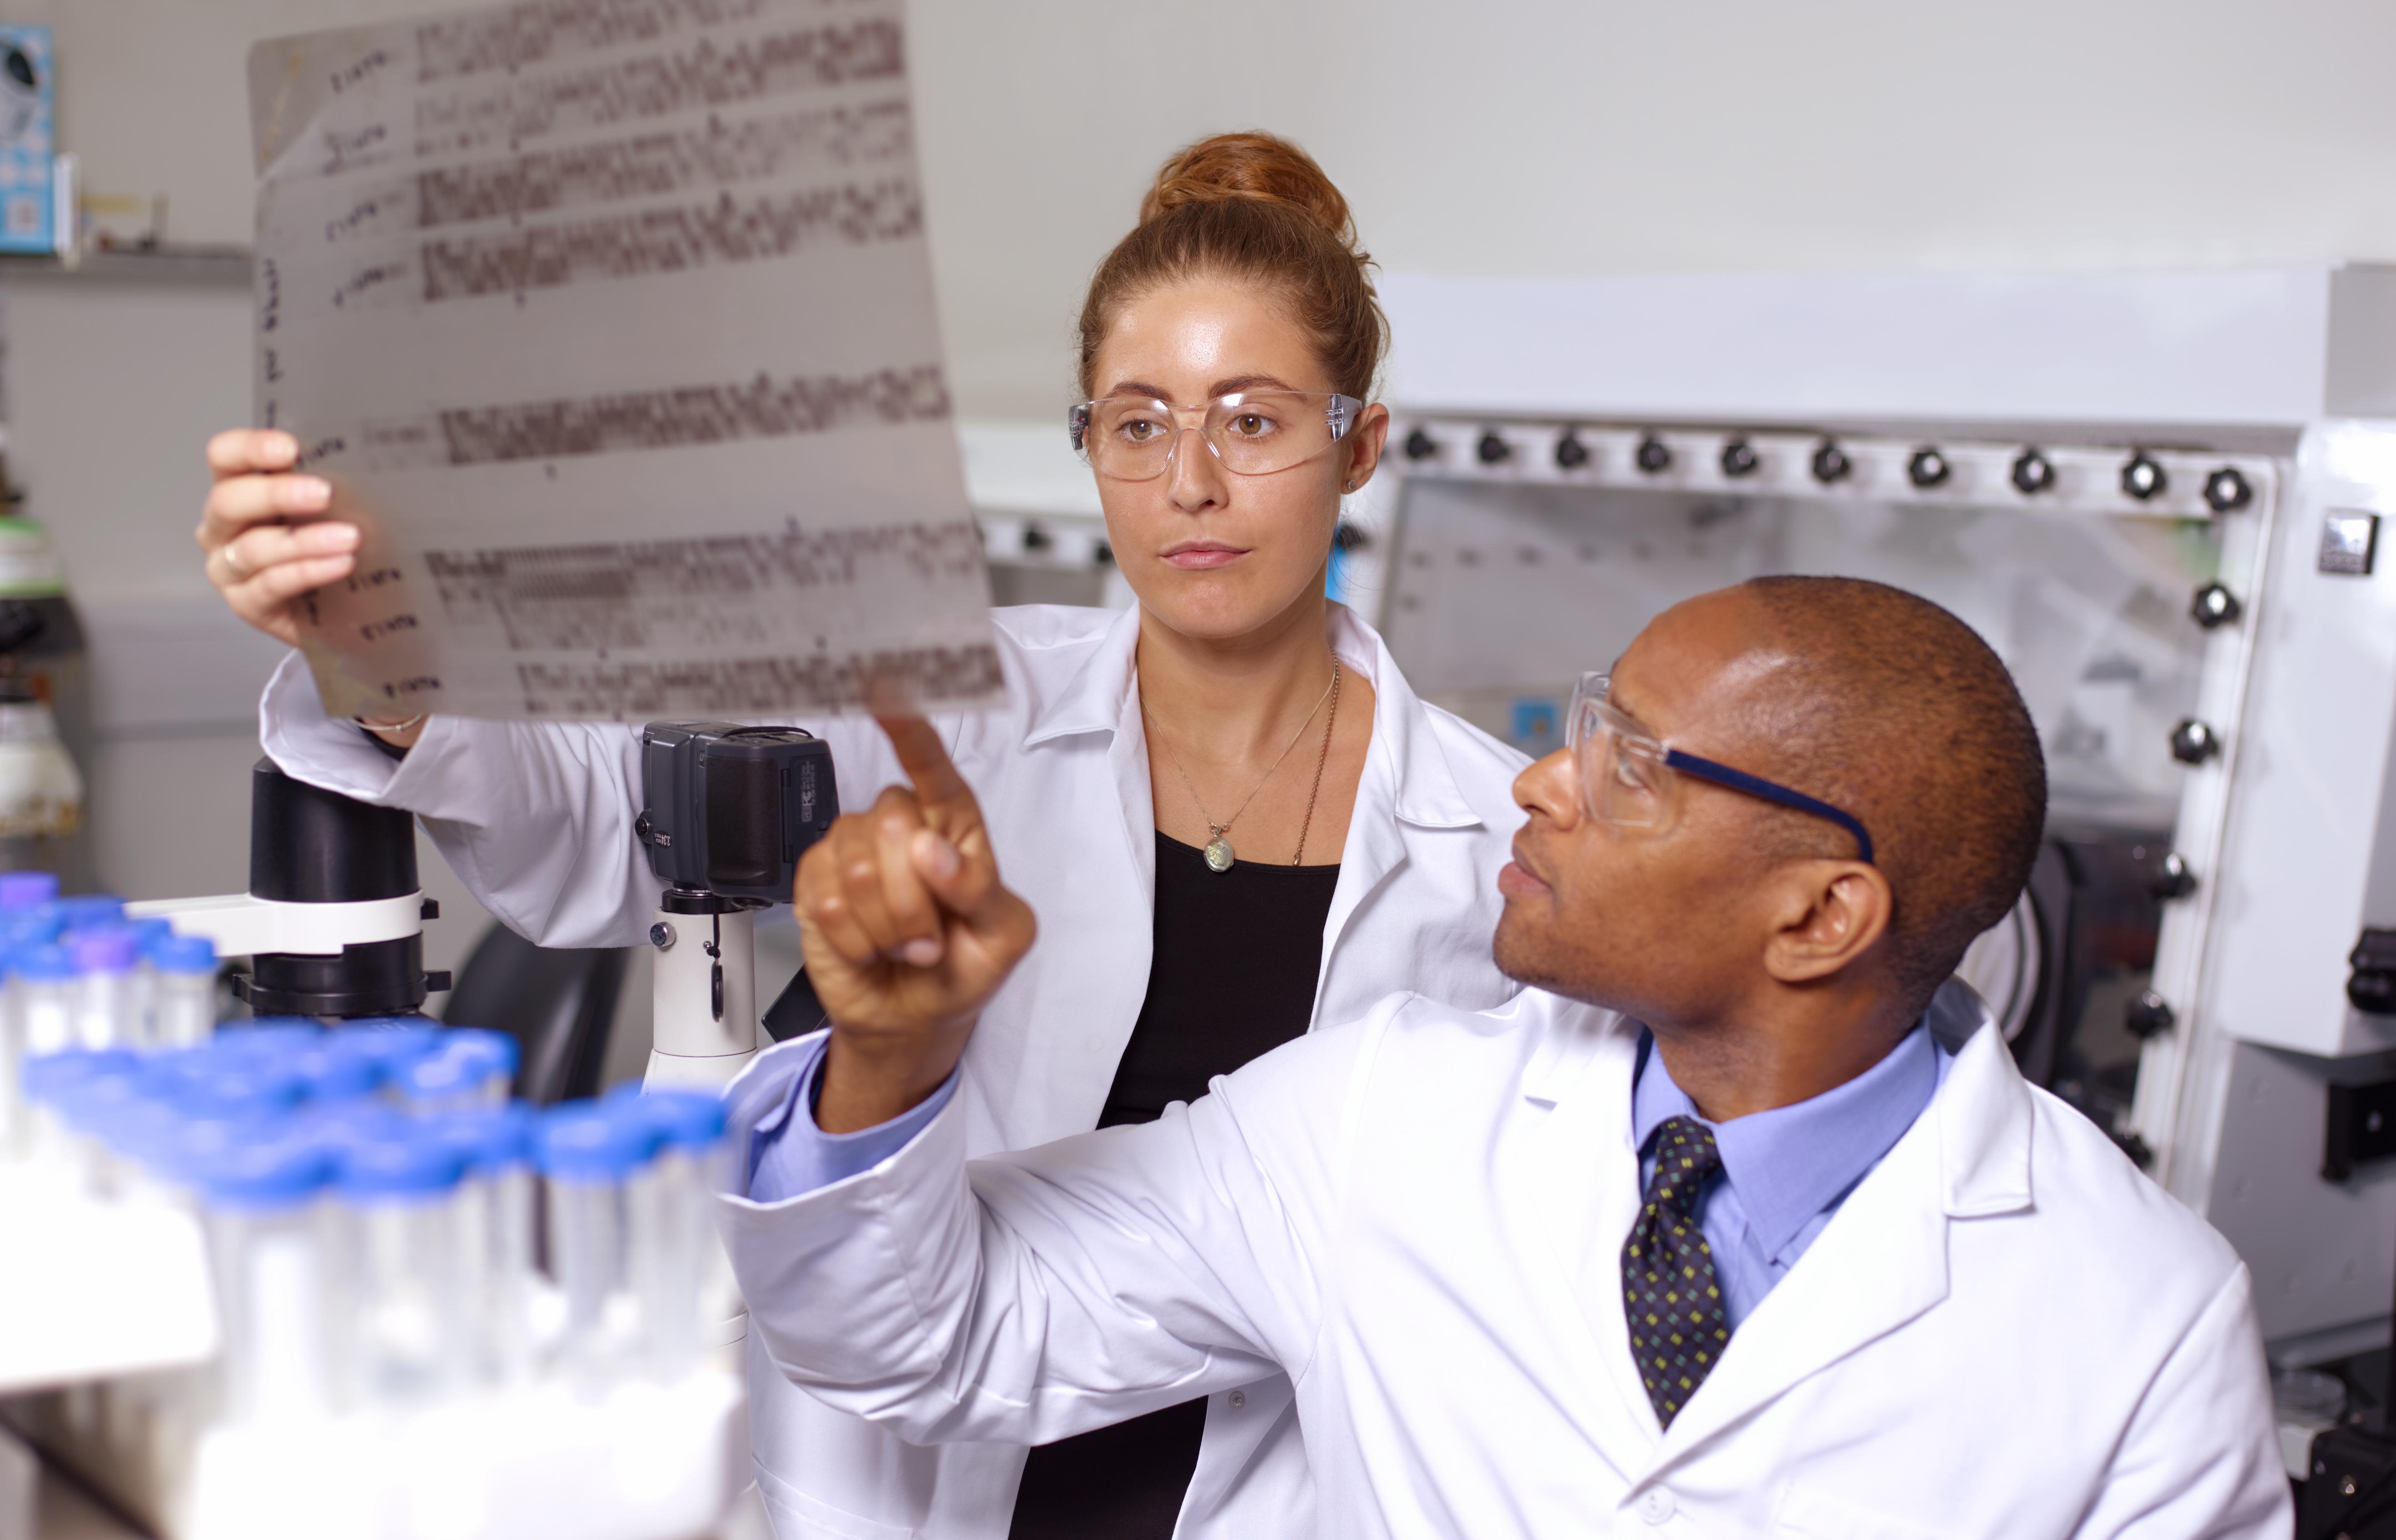 Doctors examining DNA sequencing gel